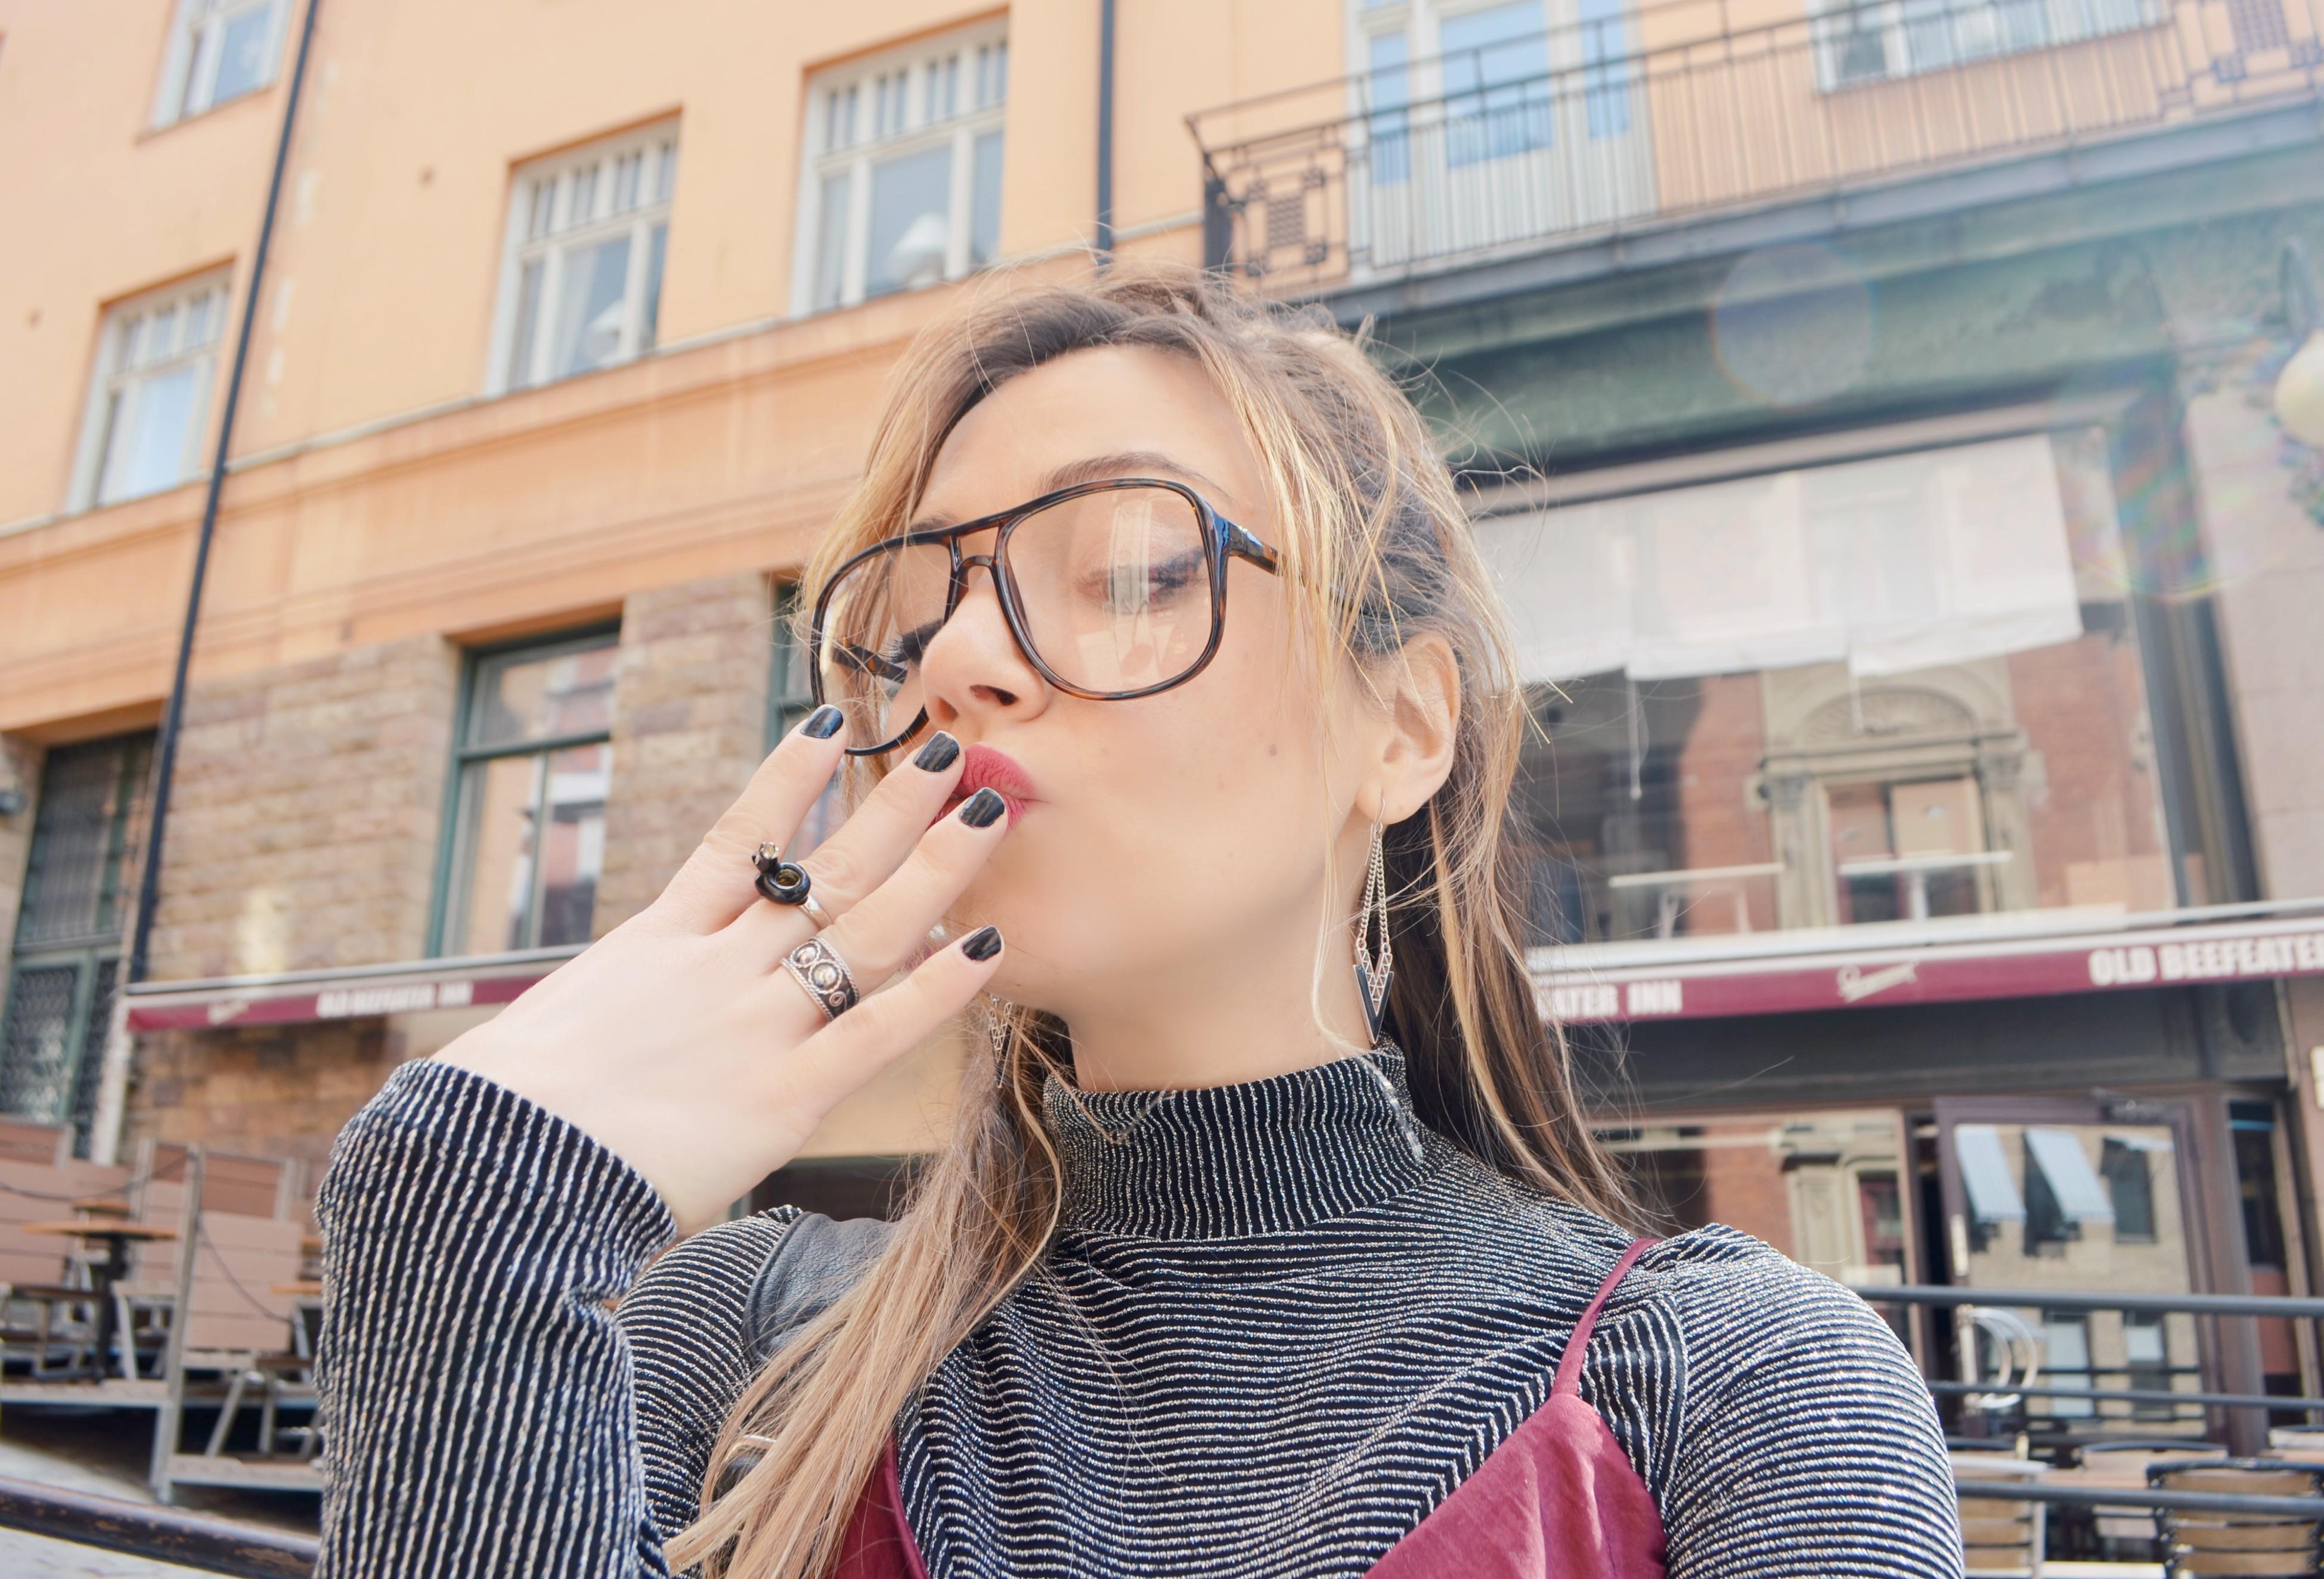 Vintage-glasses-blog-de-moda-fashionista-ChicAdicta-gafas-retro-Chic-Adicta-silver-top-bershka-look-plateado-PiensaenChic-Piensa-en-Chic